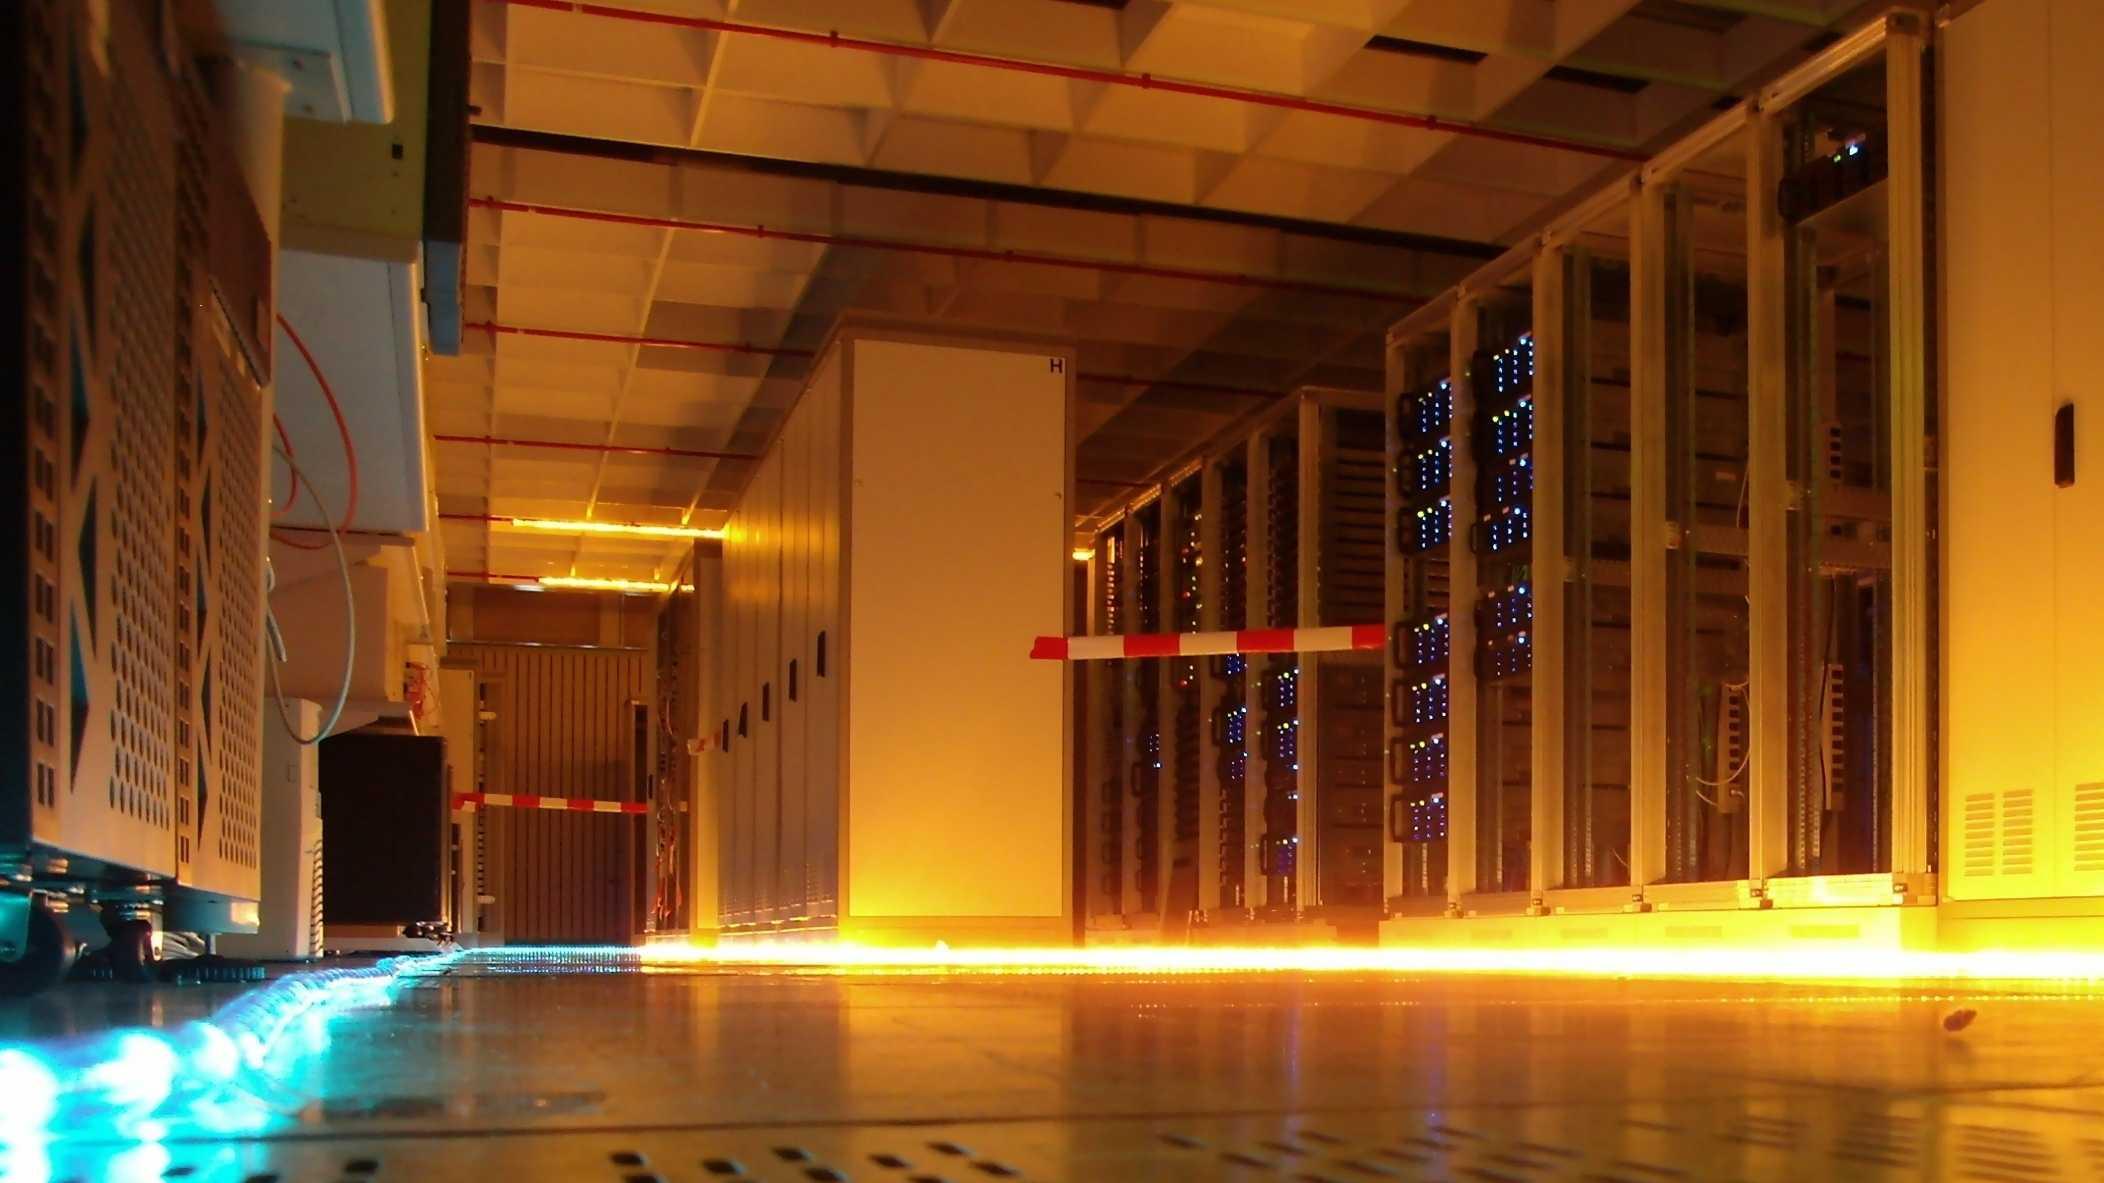 Spacenet und eco klagen vor Verwaltungsgericht gegen die Vorratsdatenspeicherung